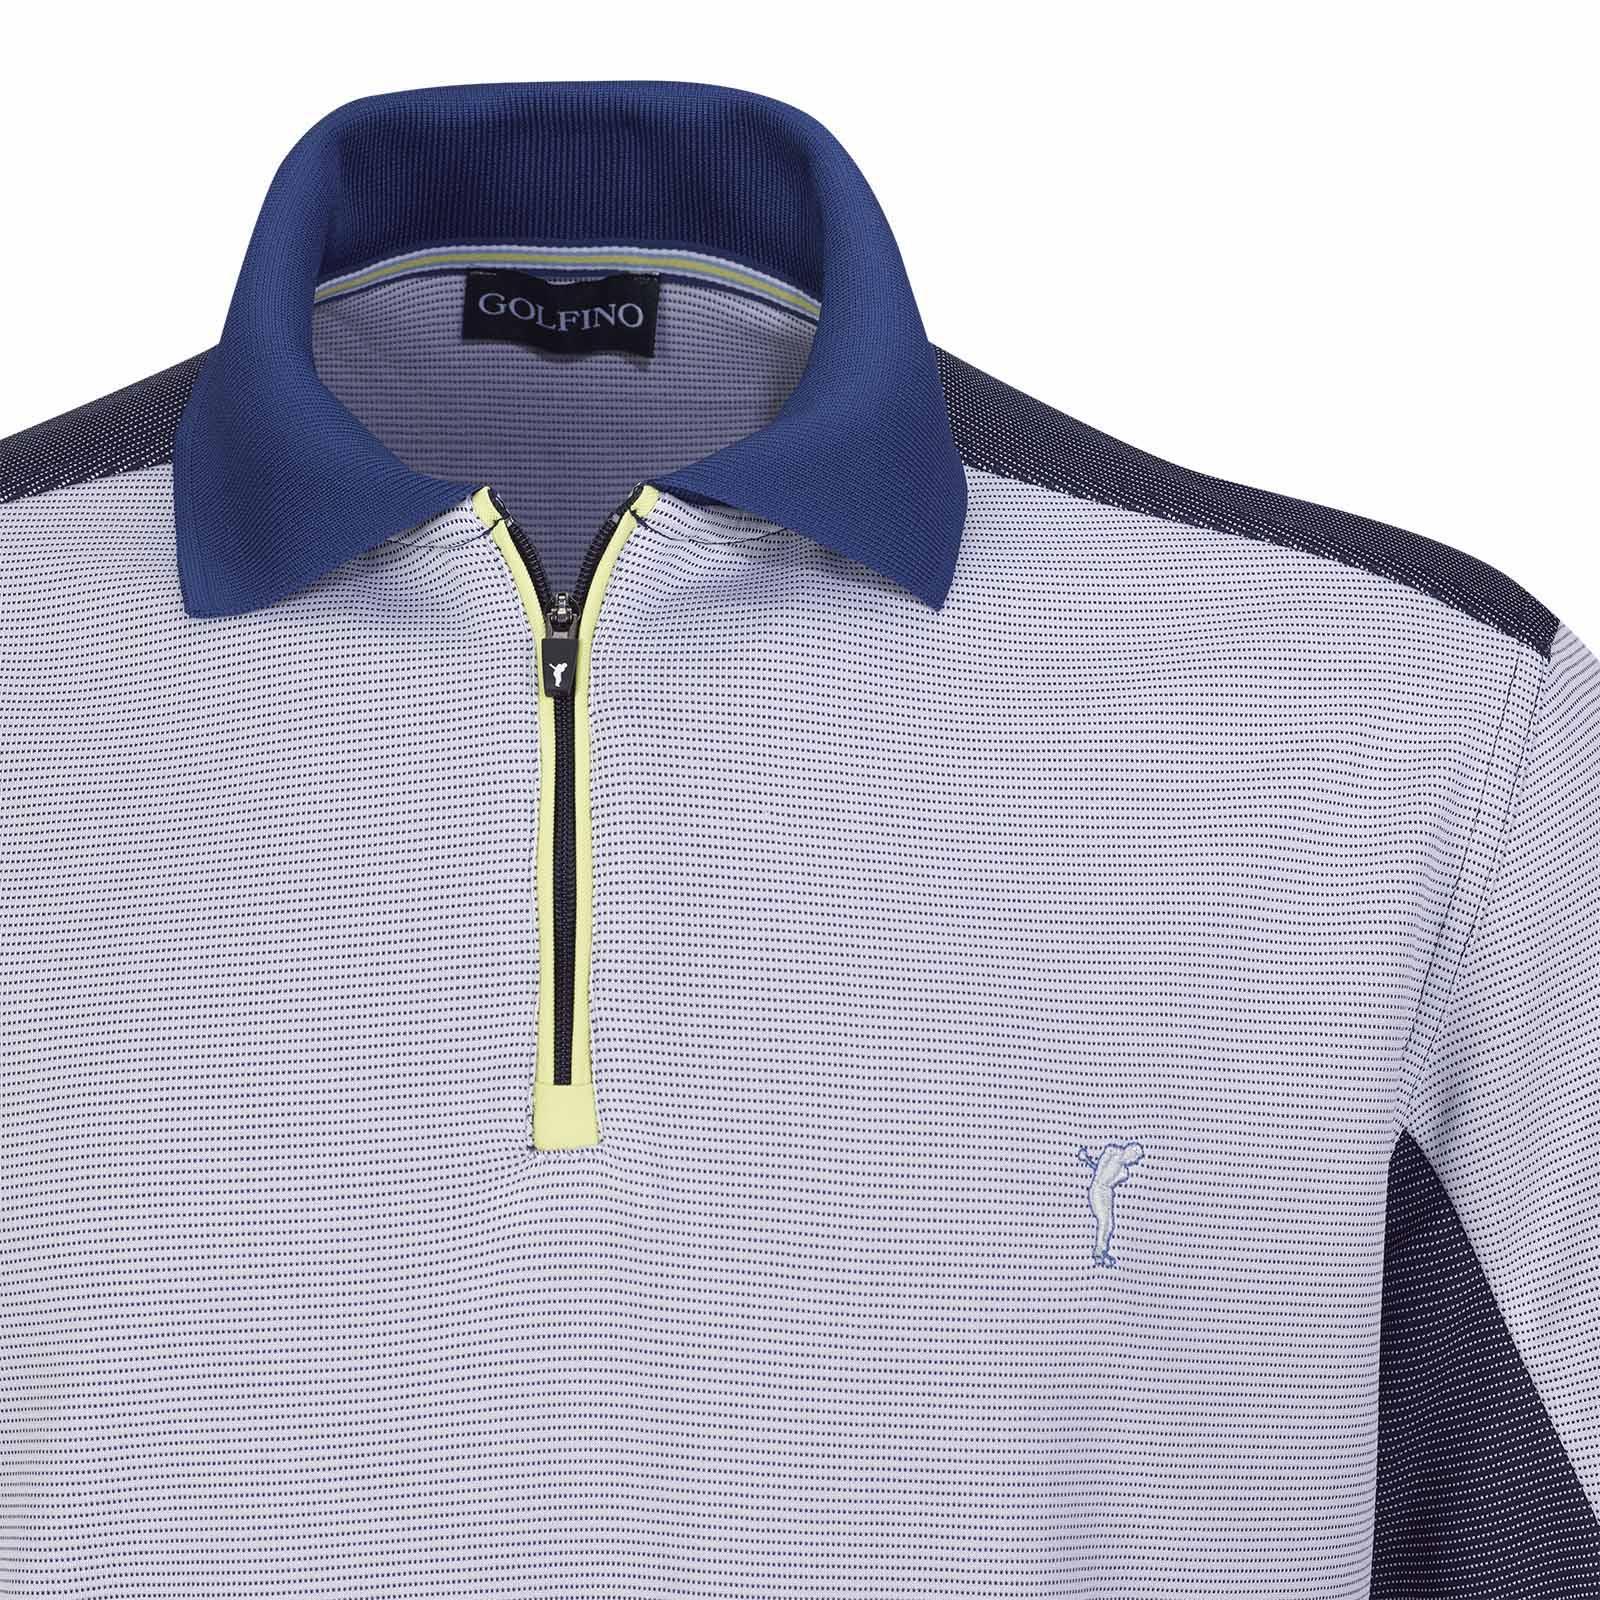 Herren Kurzarm Funktions-Golfpolo schnelltrocknend mit Muster